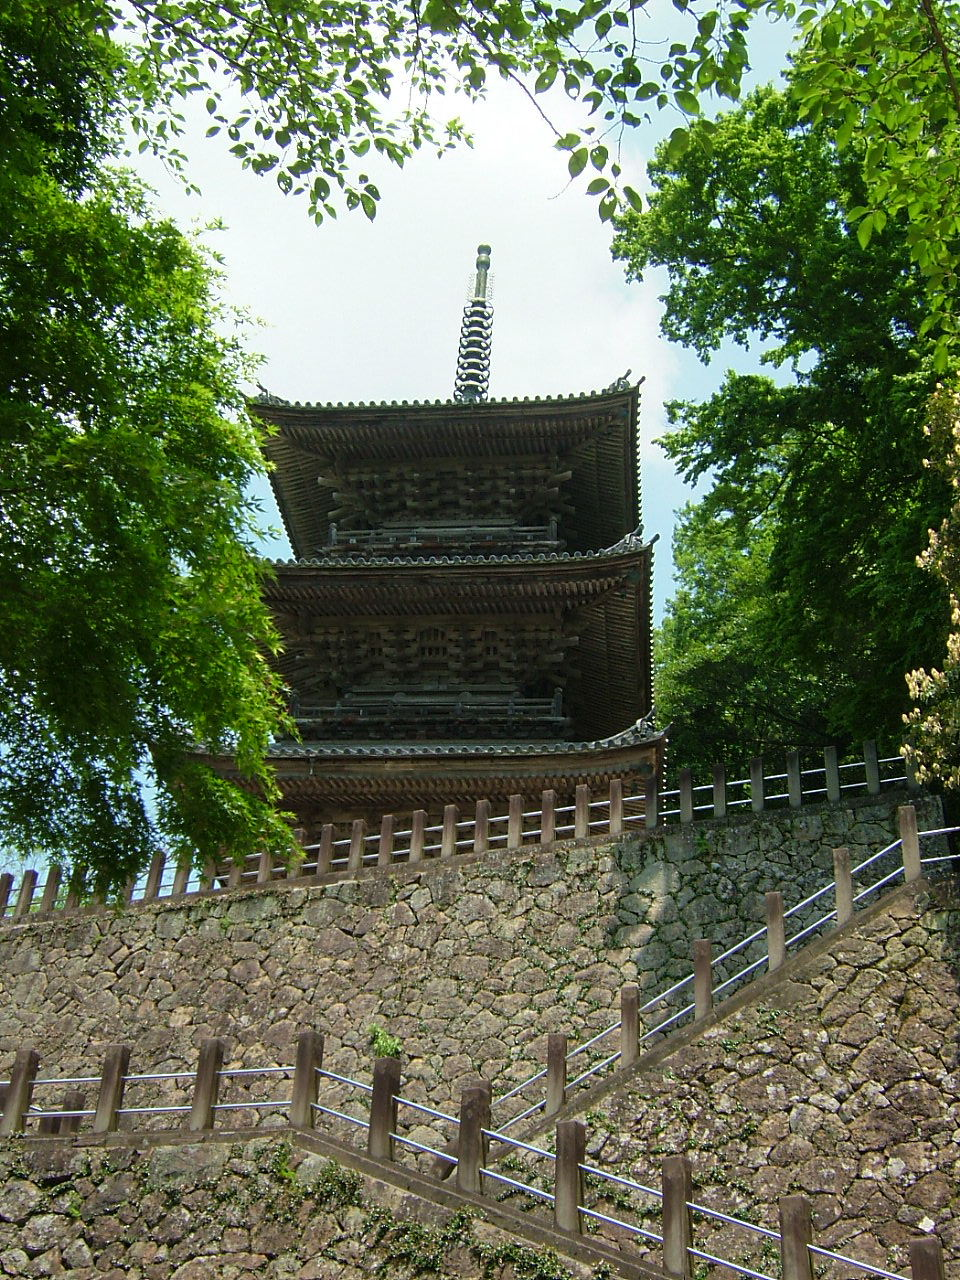 下から見上げた3重の塔